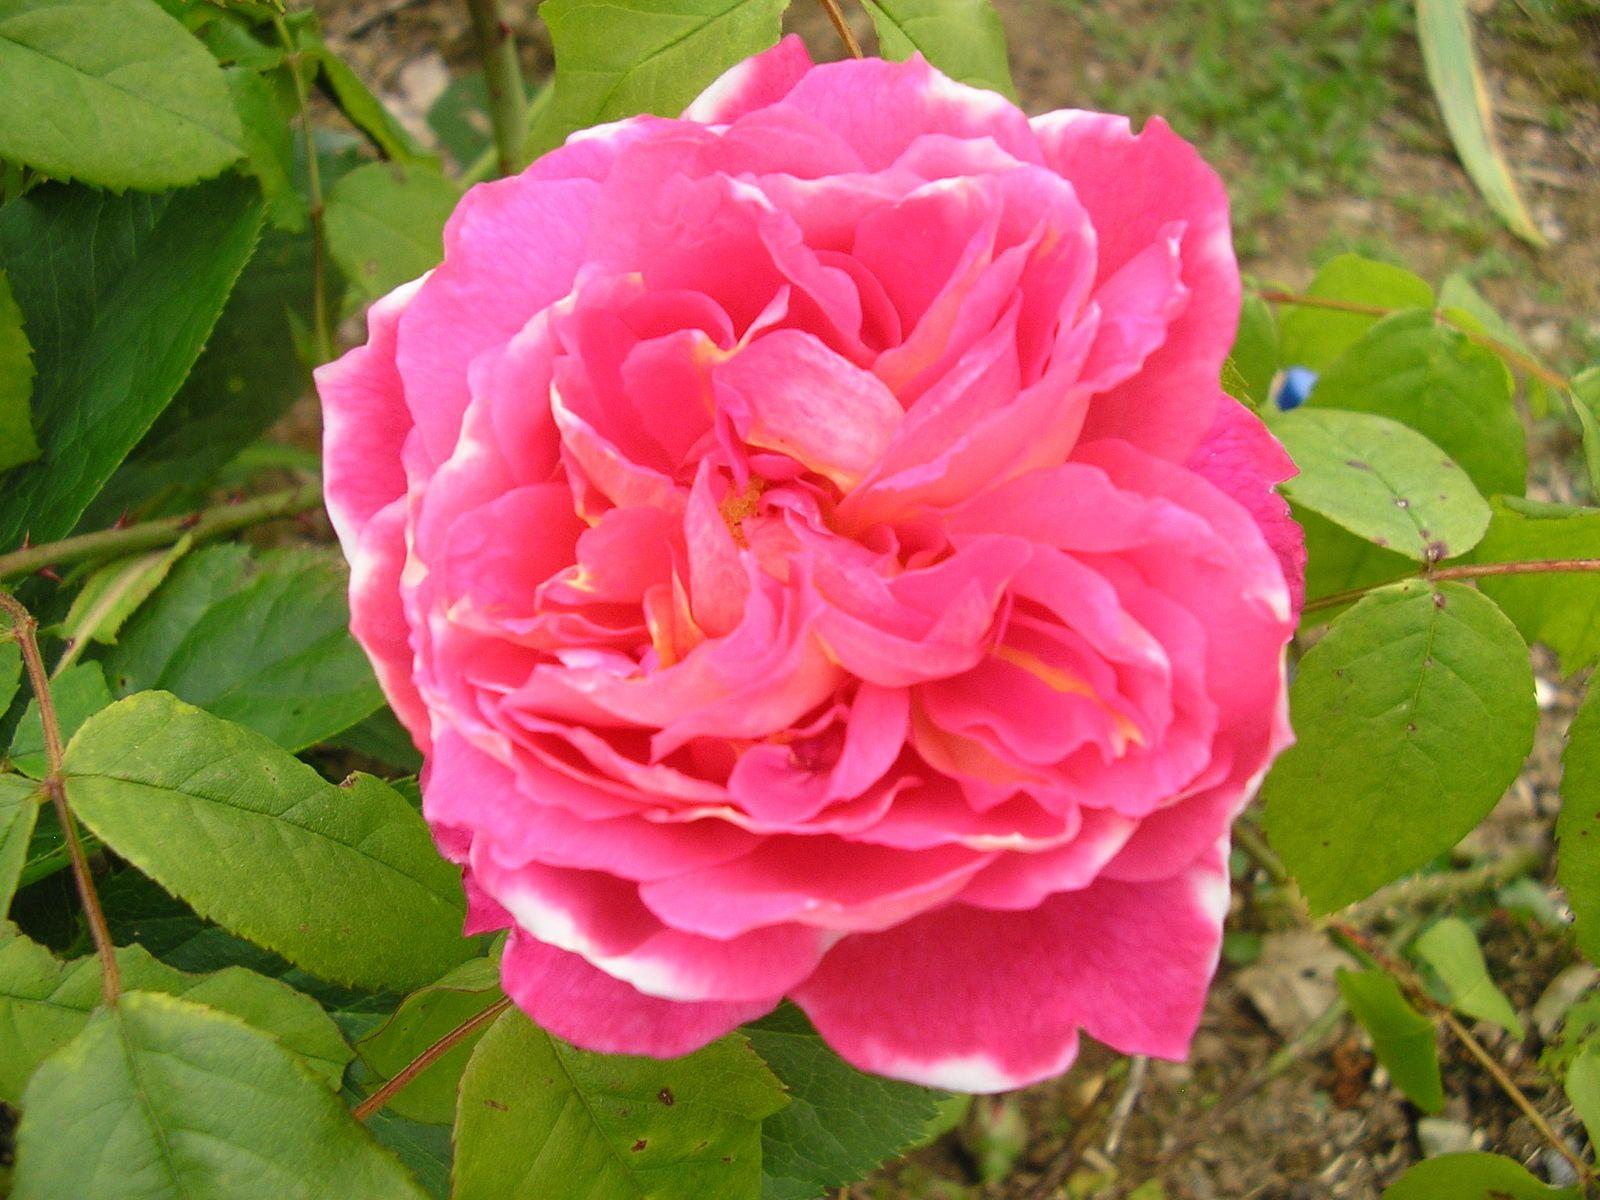 Drôle de rosier inconnu: l'année dernière, il était rose et cette année, il est rose à bord blanc!